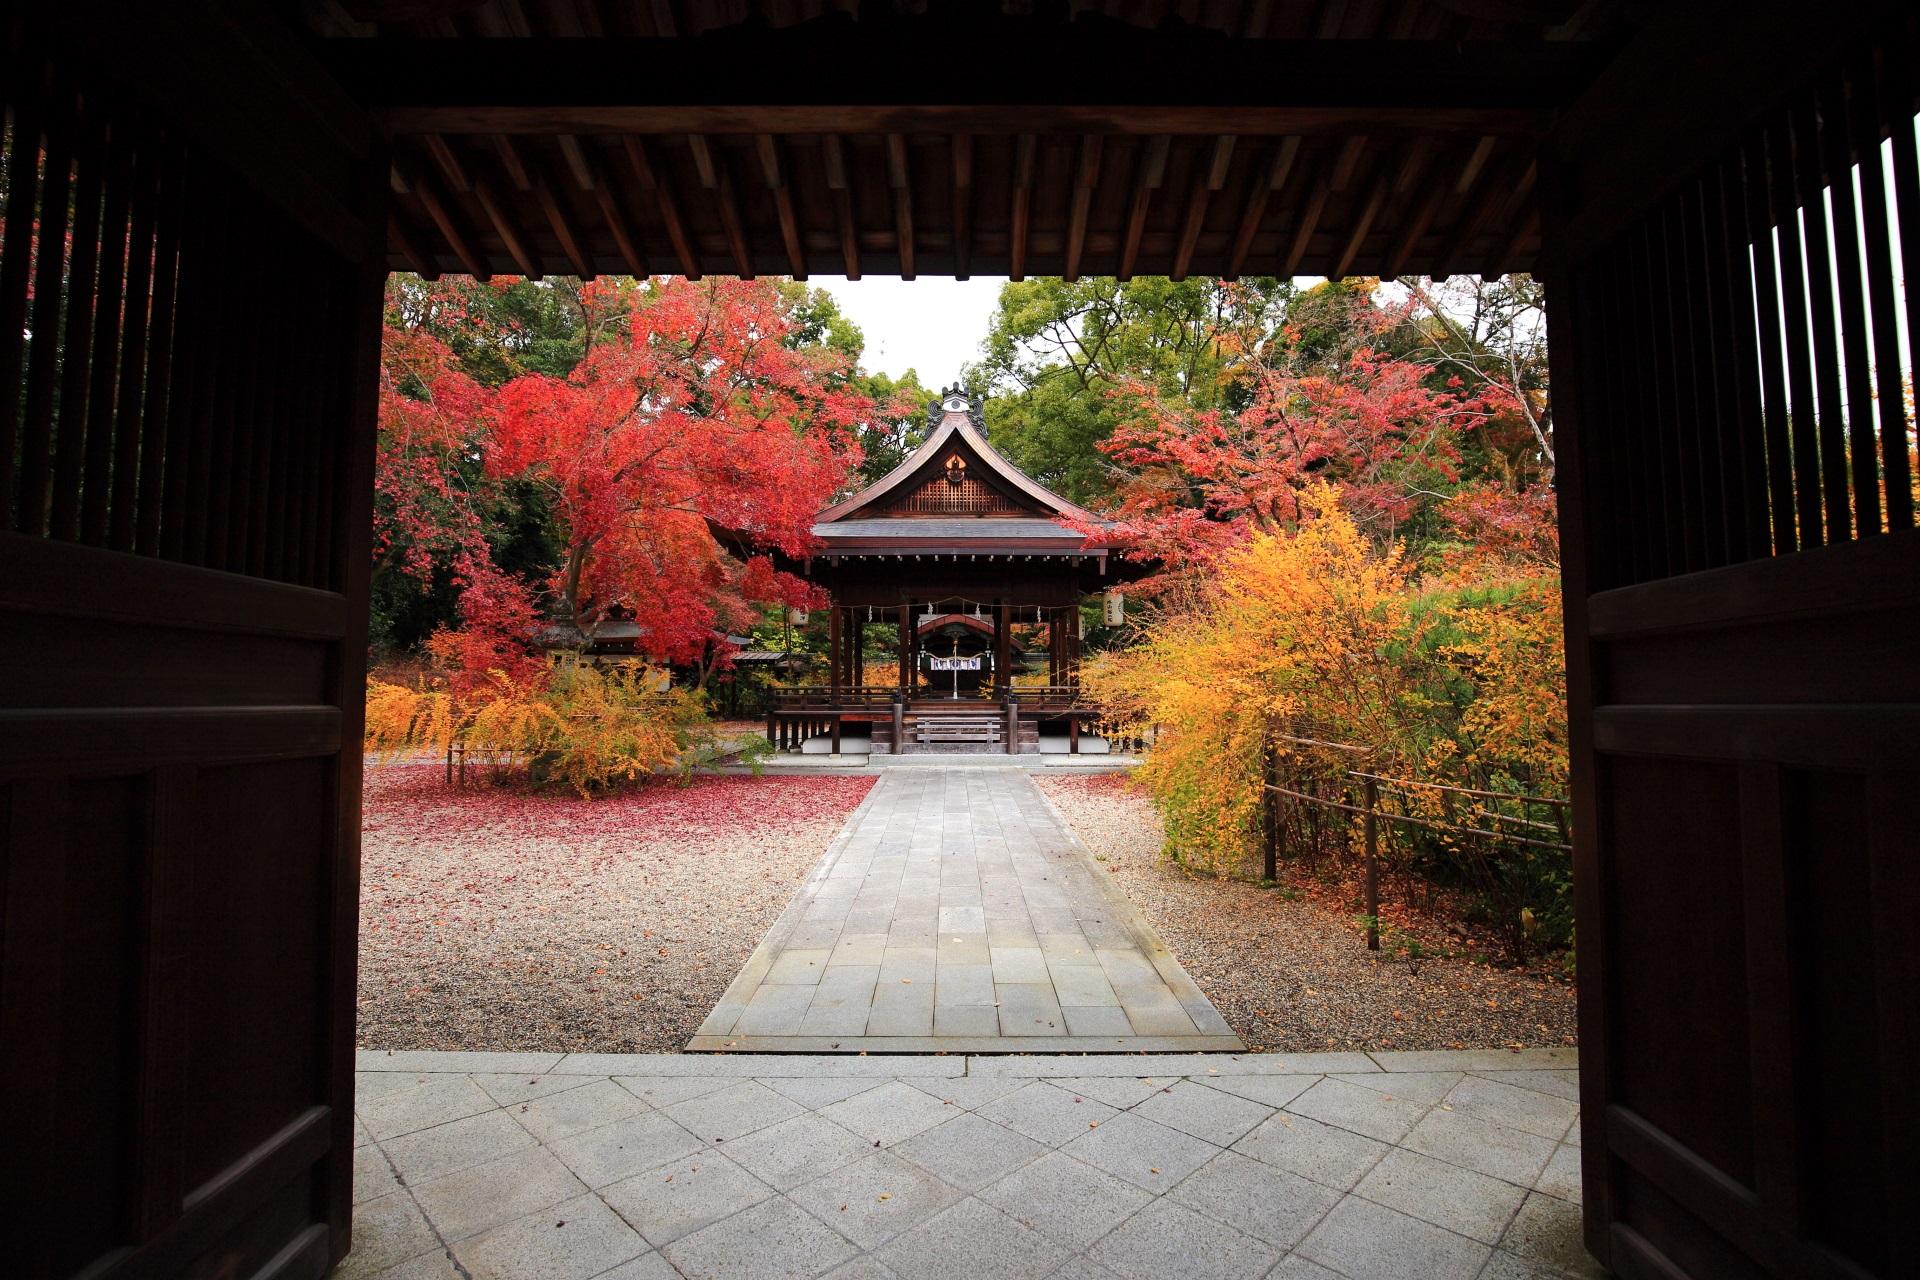 梨木神社の神門下から眺めた額縁のもみじと萩の紅葉